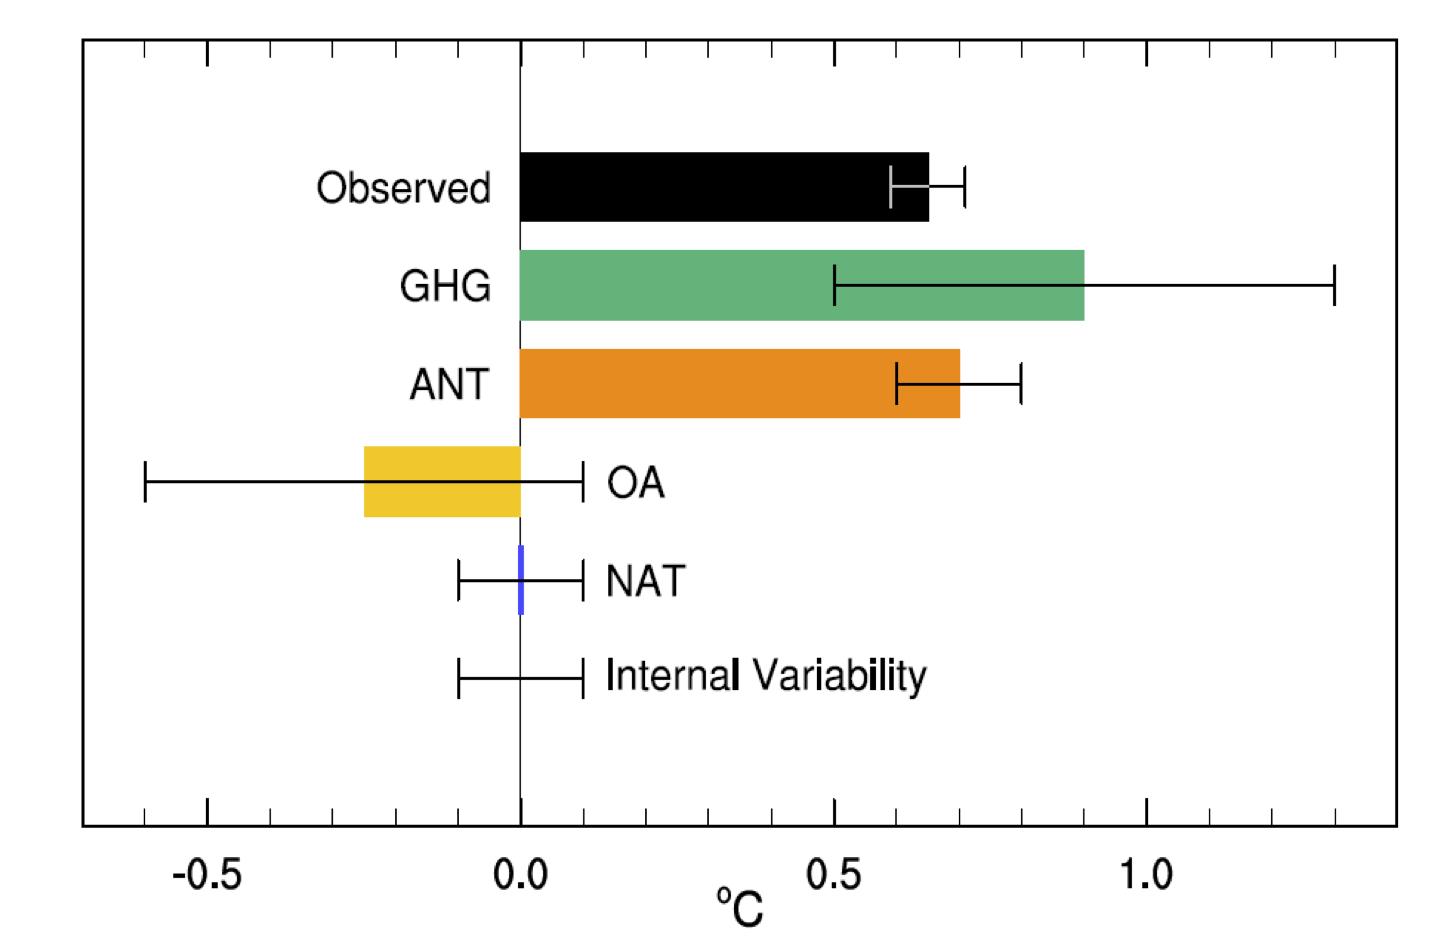 Figure 10.5 IPCC AR5